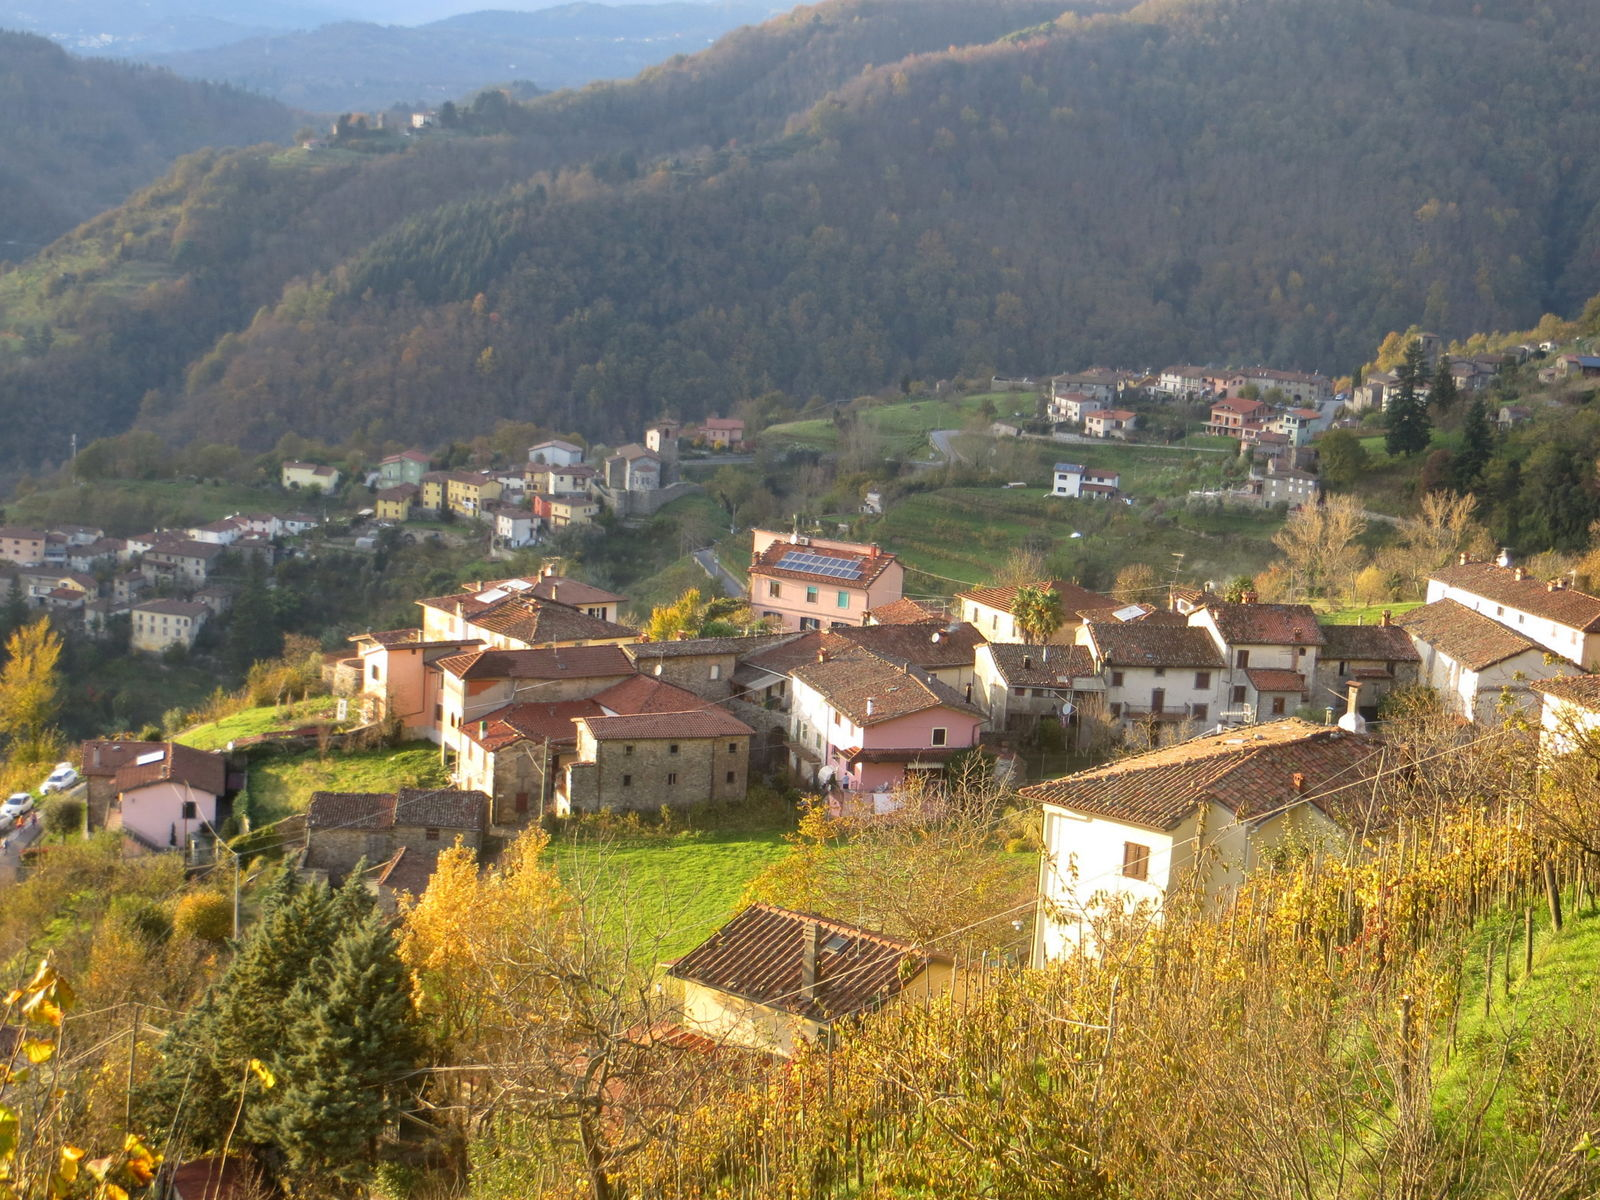 Fosciandora - On the border between Garfagnana and Lucchesia